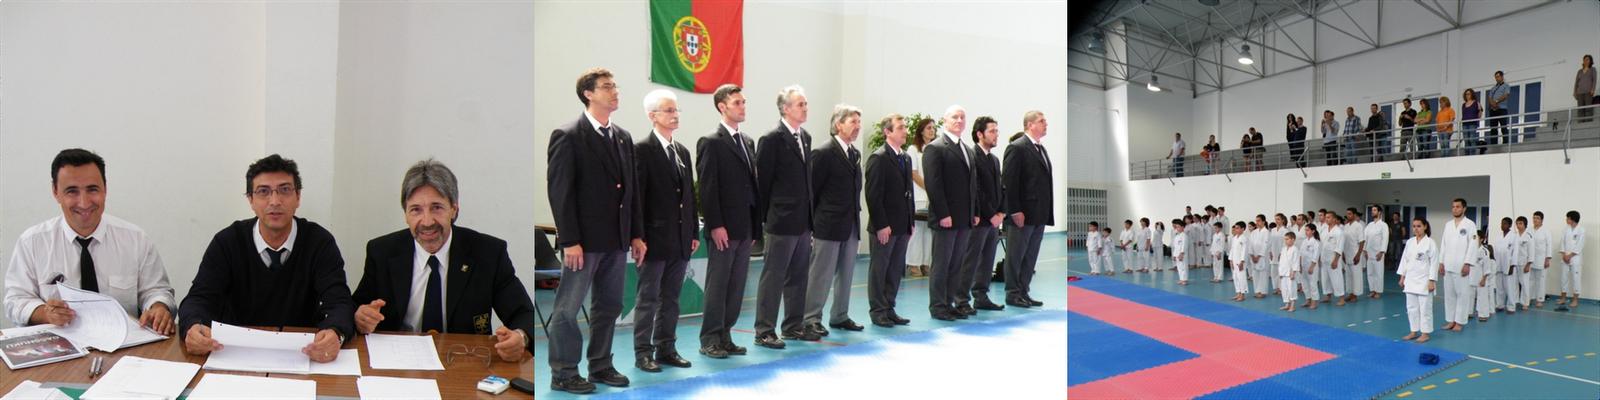 e1dc86bbf59a3 A experiência de Álvaro Santos, Leonardo Pereira e Gualter Morgado,  liderados pelo Sensei José Campos fizeram deste evento um sucesso.